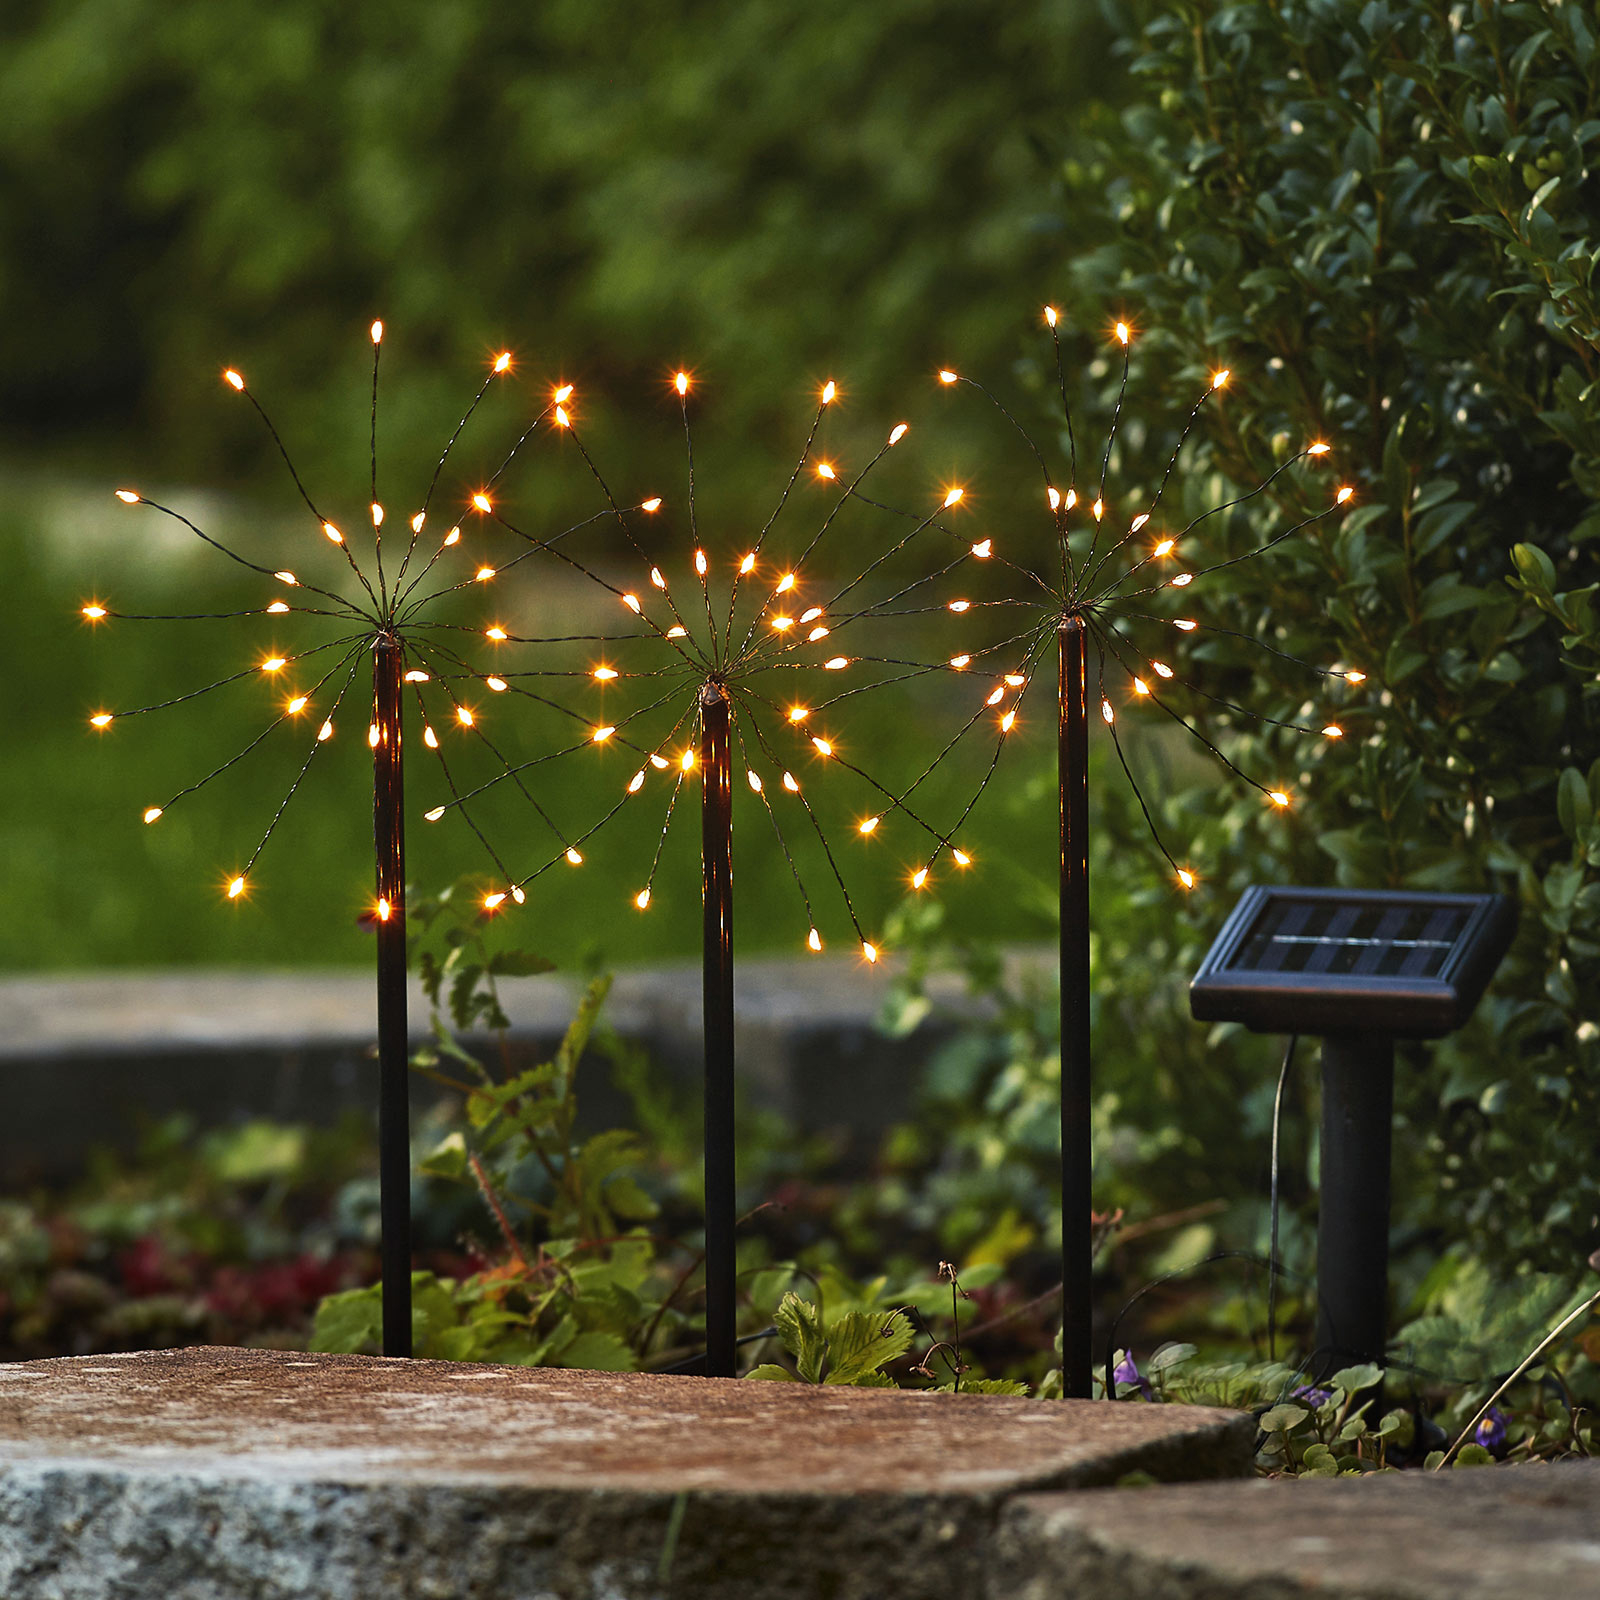 Lampa solarna LED Firework z grotami ziemnymi